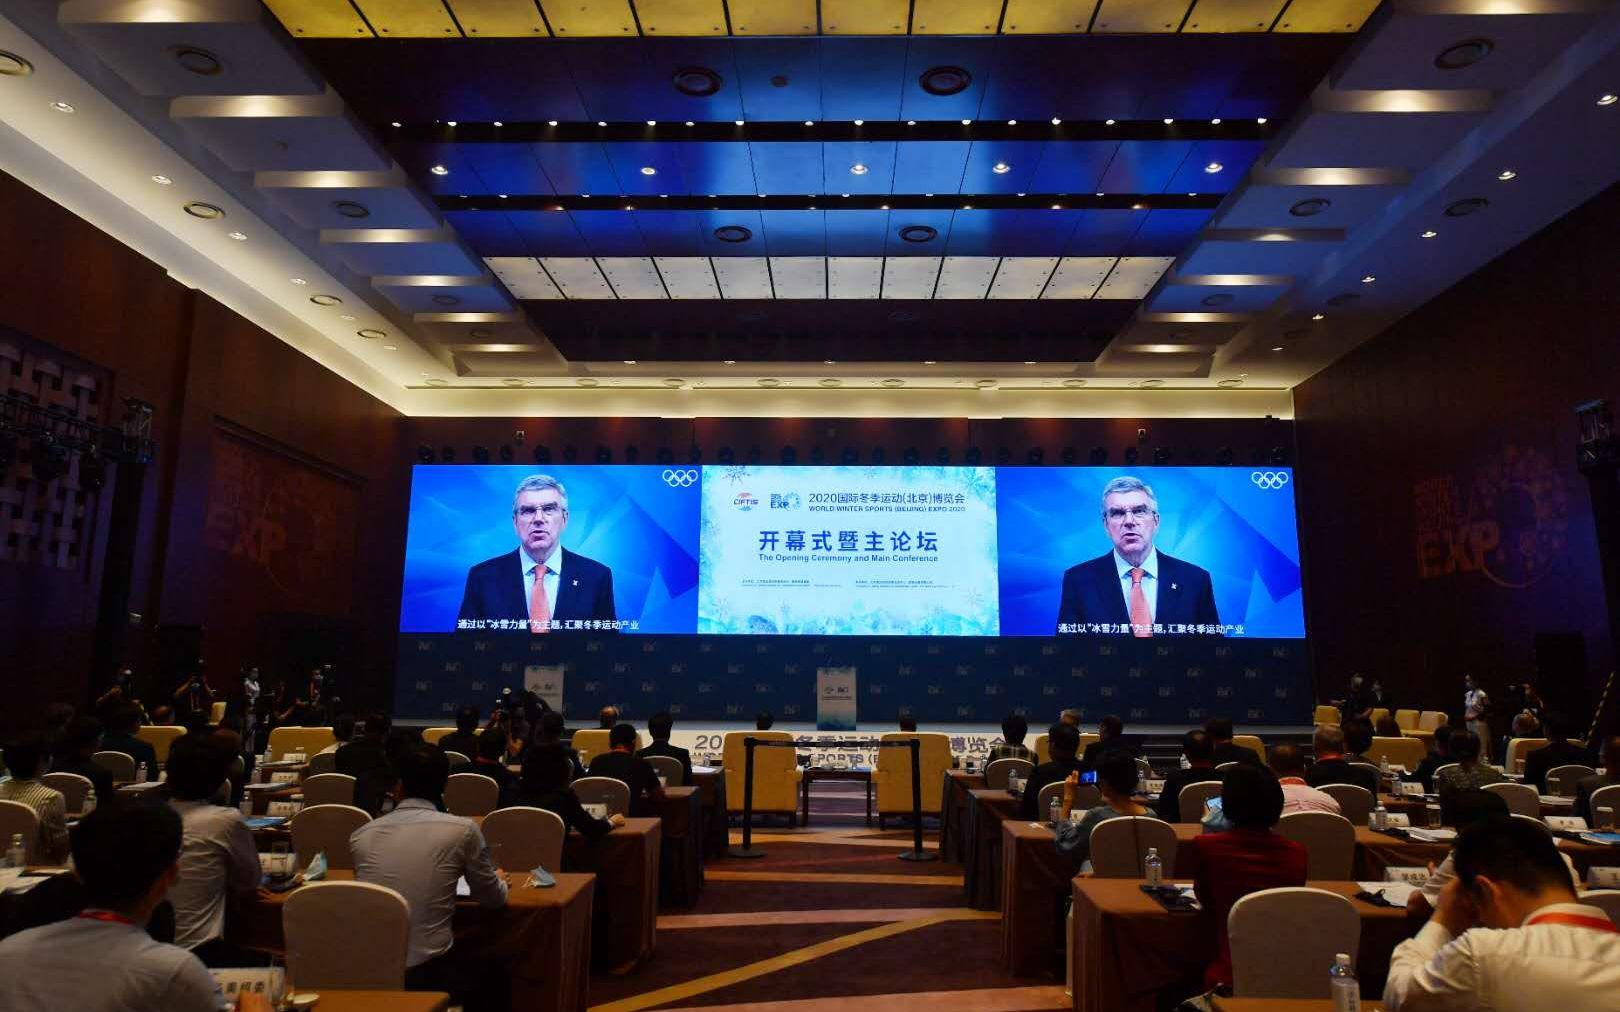 开幕式上,国际奥委会主席托马斯·巴赫发来视频致辞。摄影/新京报记者 李木易